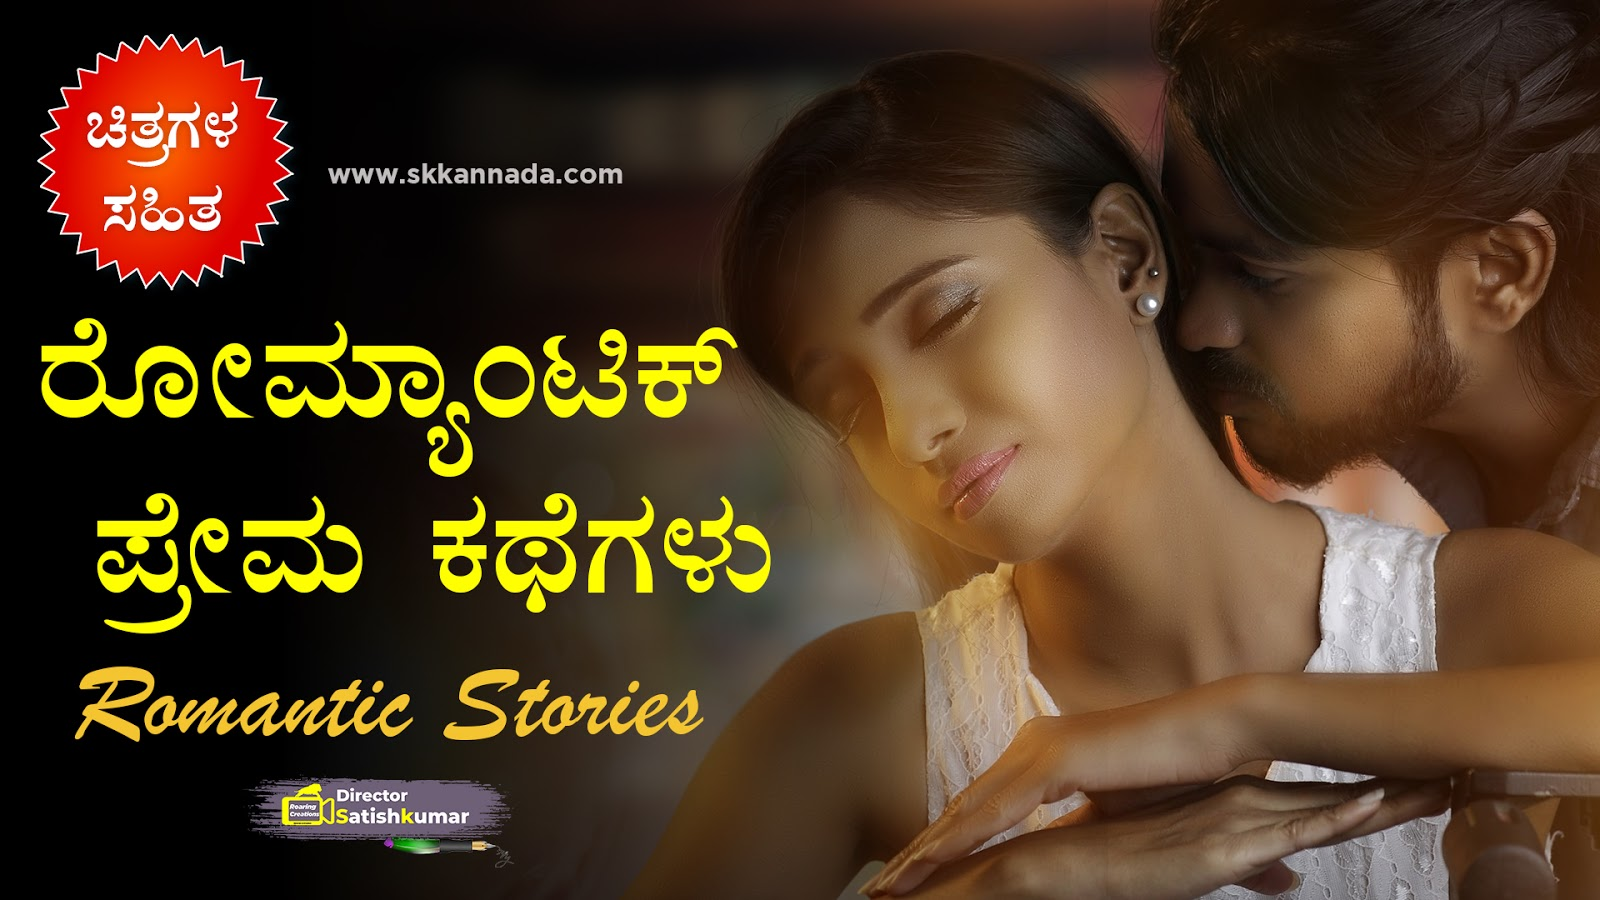 ಕನ್ನಡ ರೋಮ್ಯಾಂಟಿಕ್ ಪ್ರೇಮ ಕಥೆಗಳು - Romantic Love Stories in Kannada - Romantic Stories in Kannada